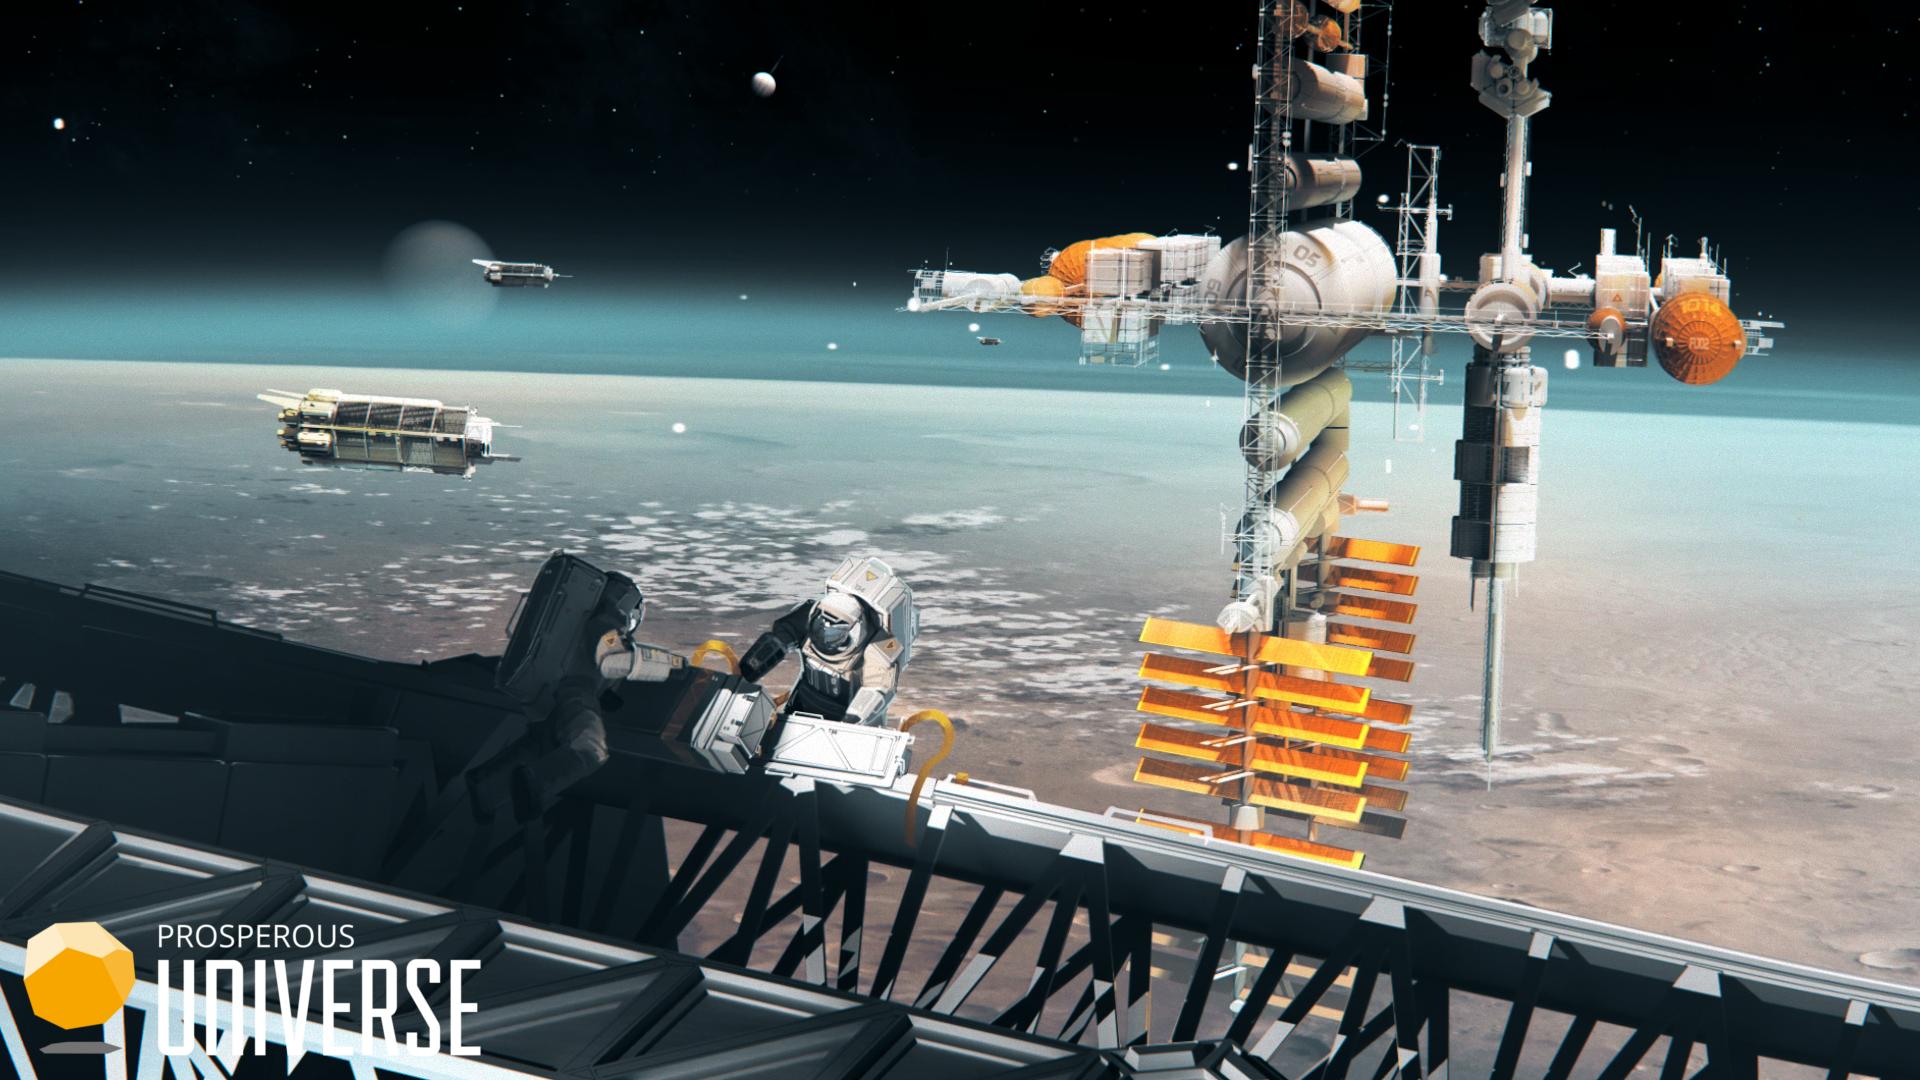 Prosperous Universe - concept art - space station.png